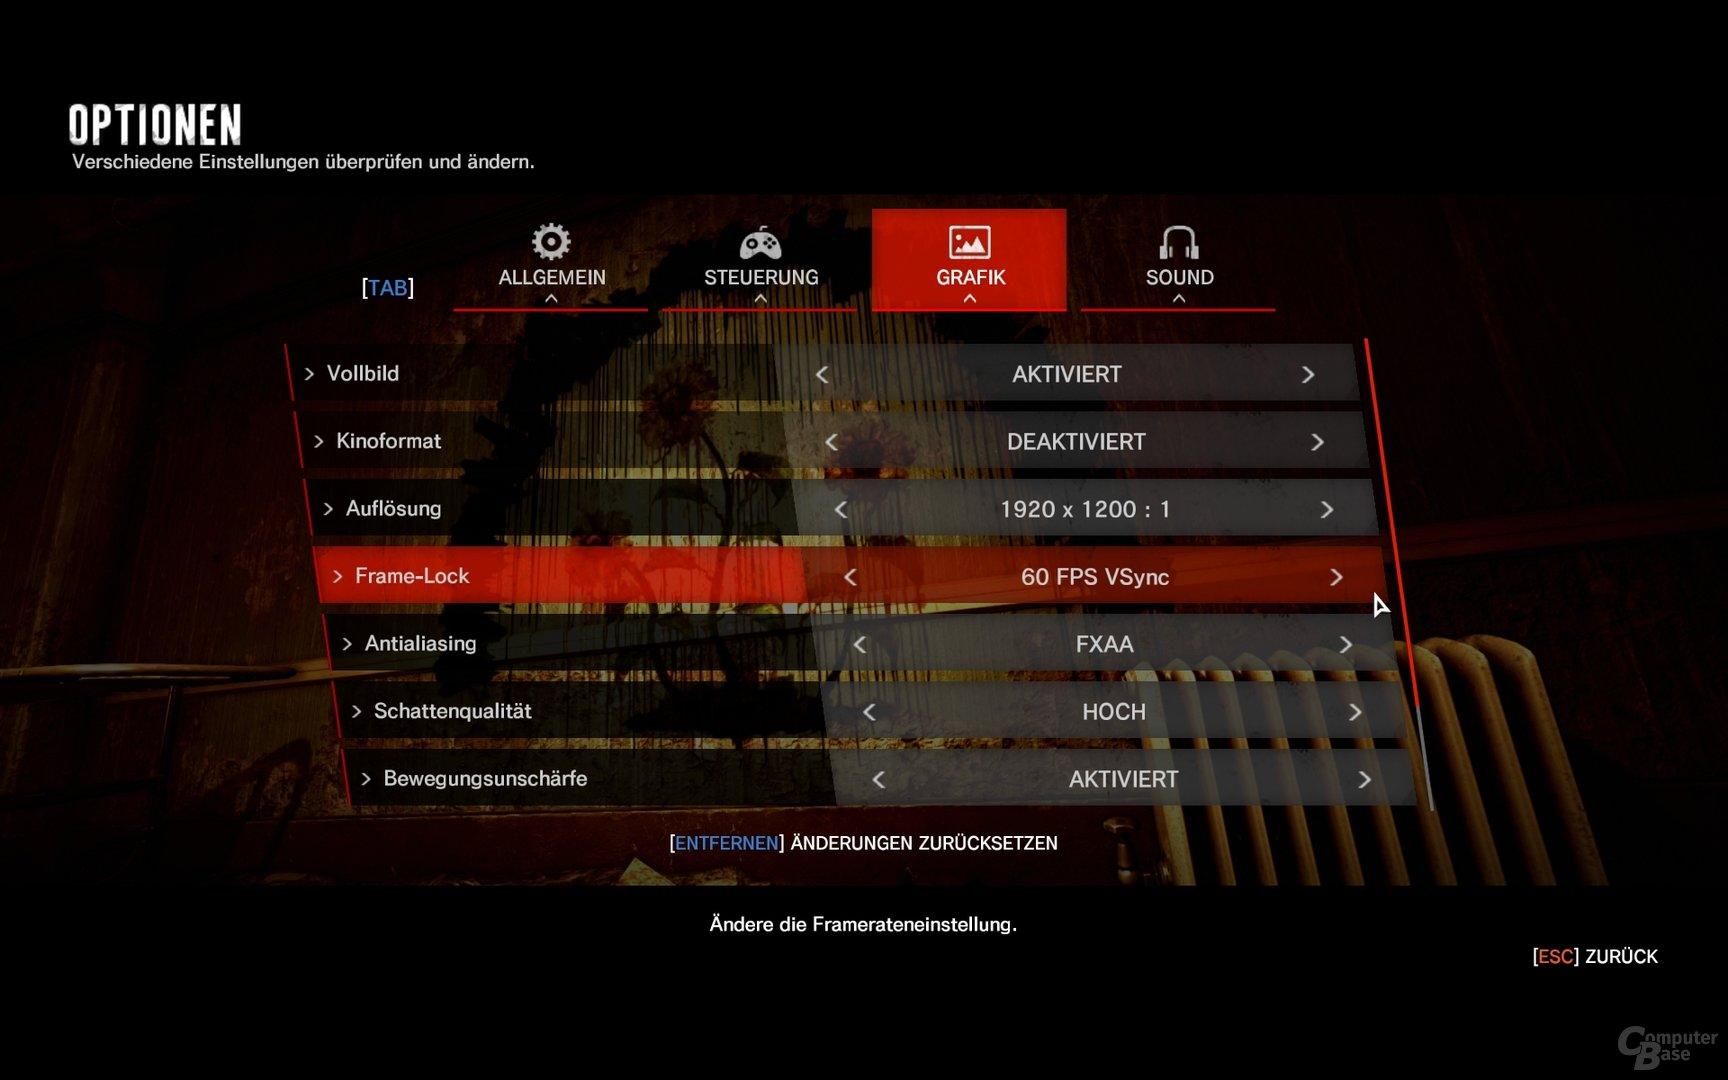 Neue Optionen für Letterbox-Format und FPS-Limitierung